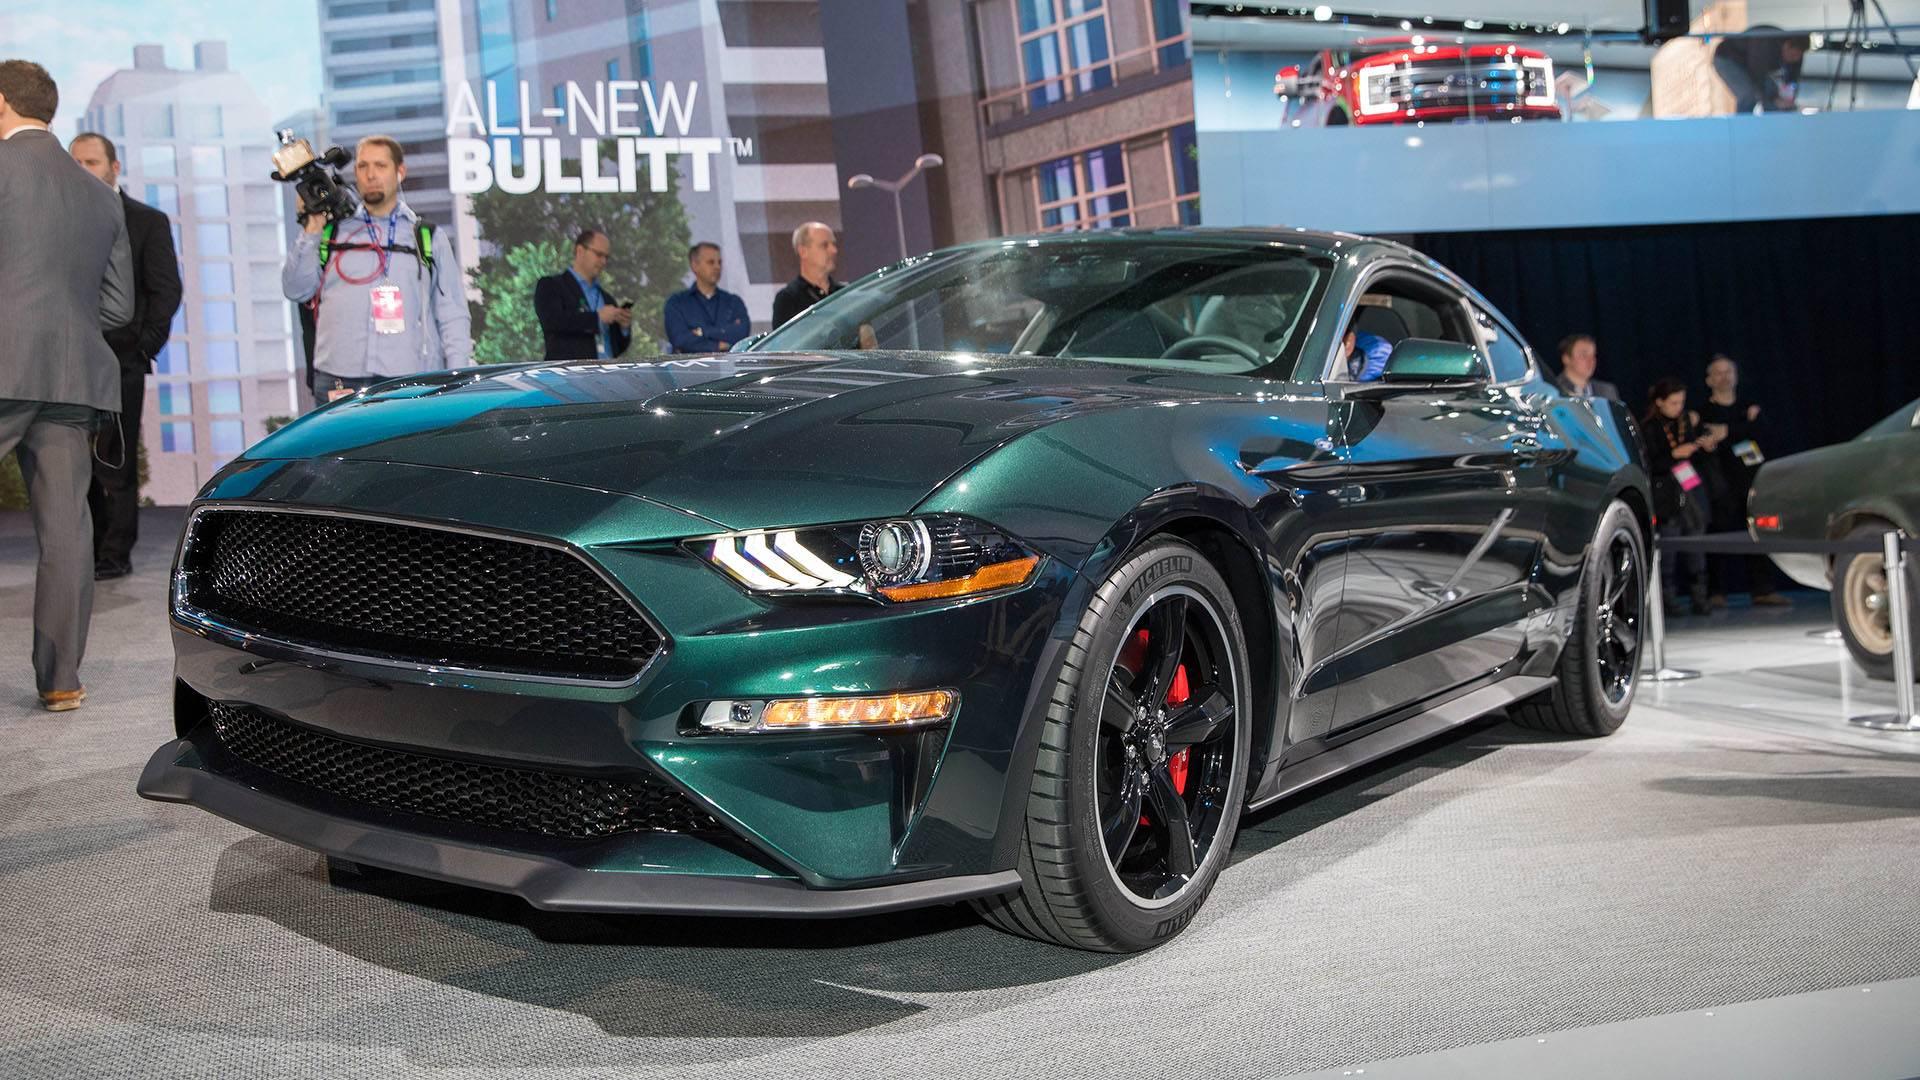 2019_Ford_Mustang_Bullitt_0008